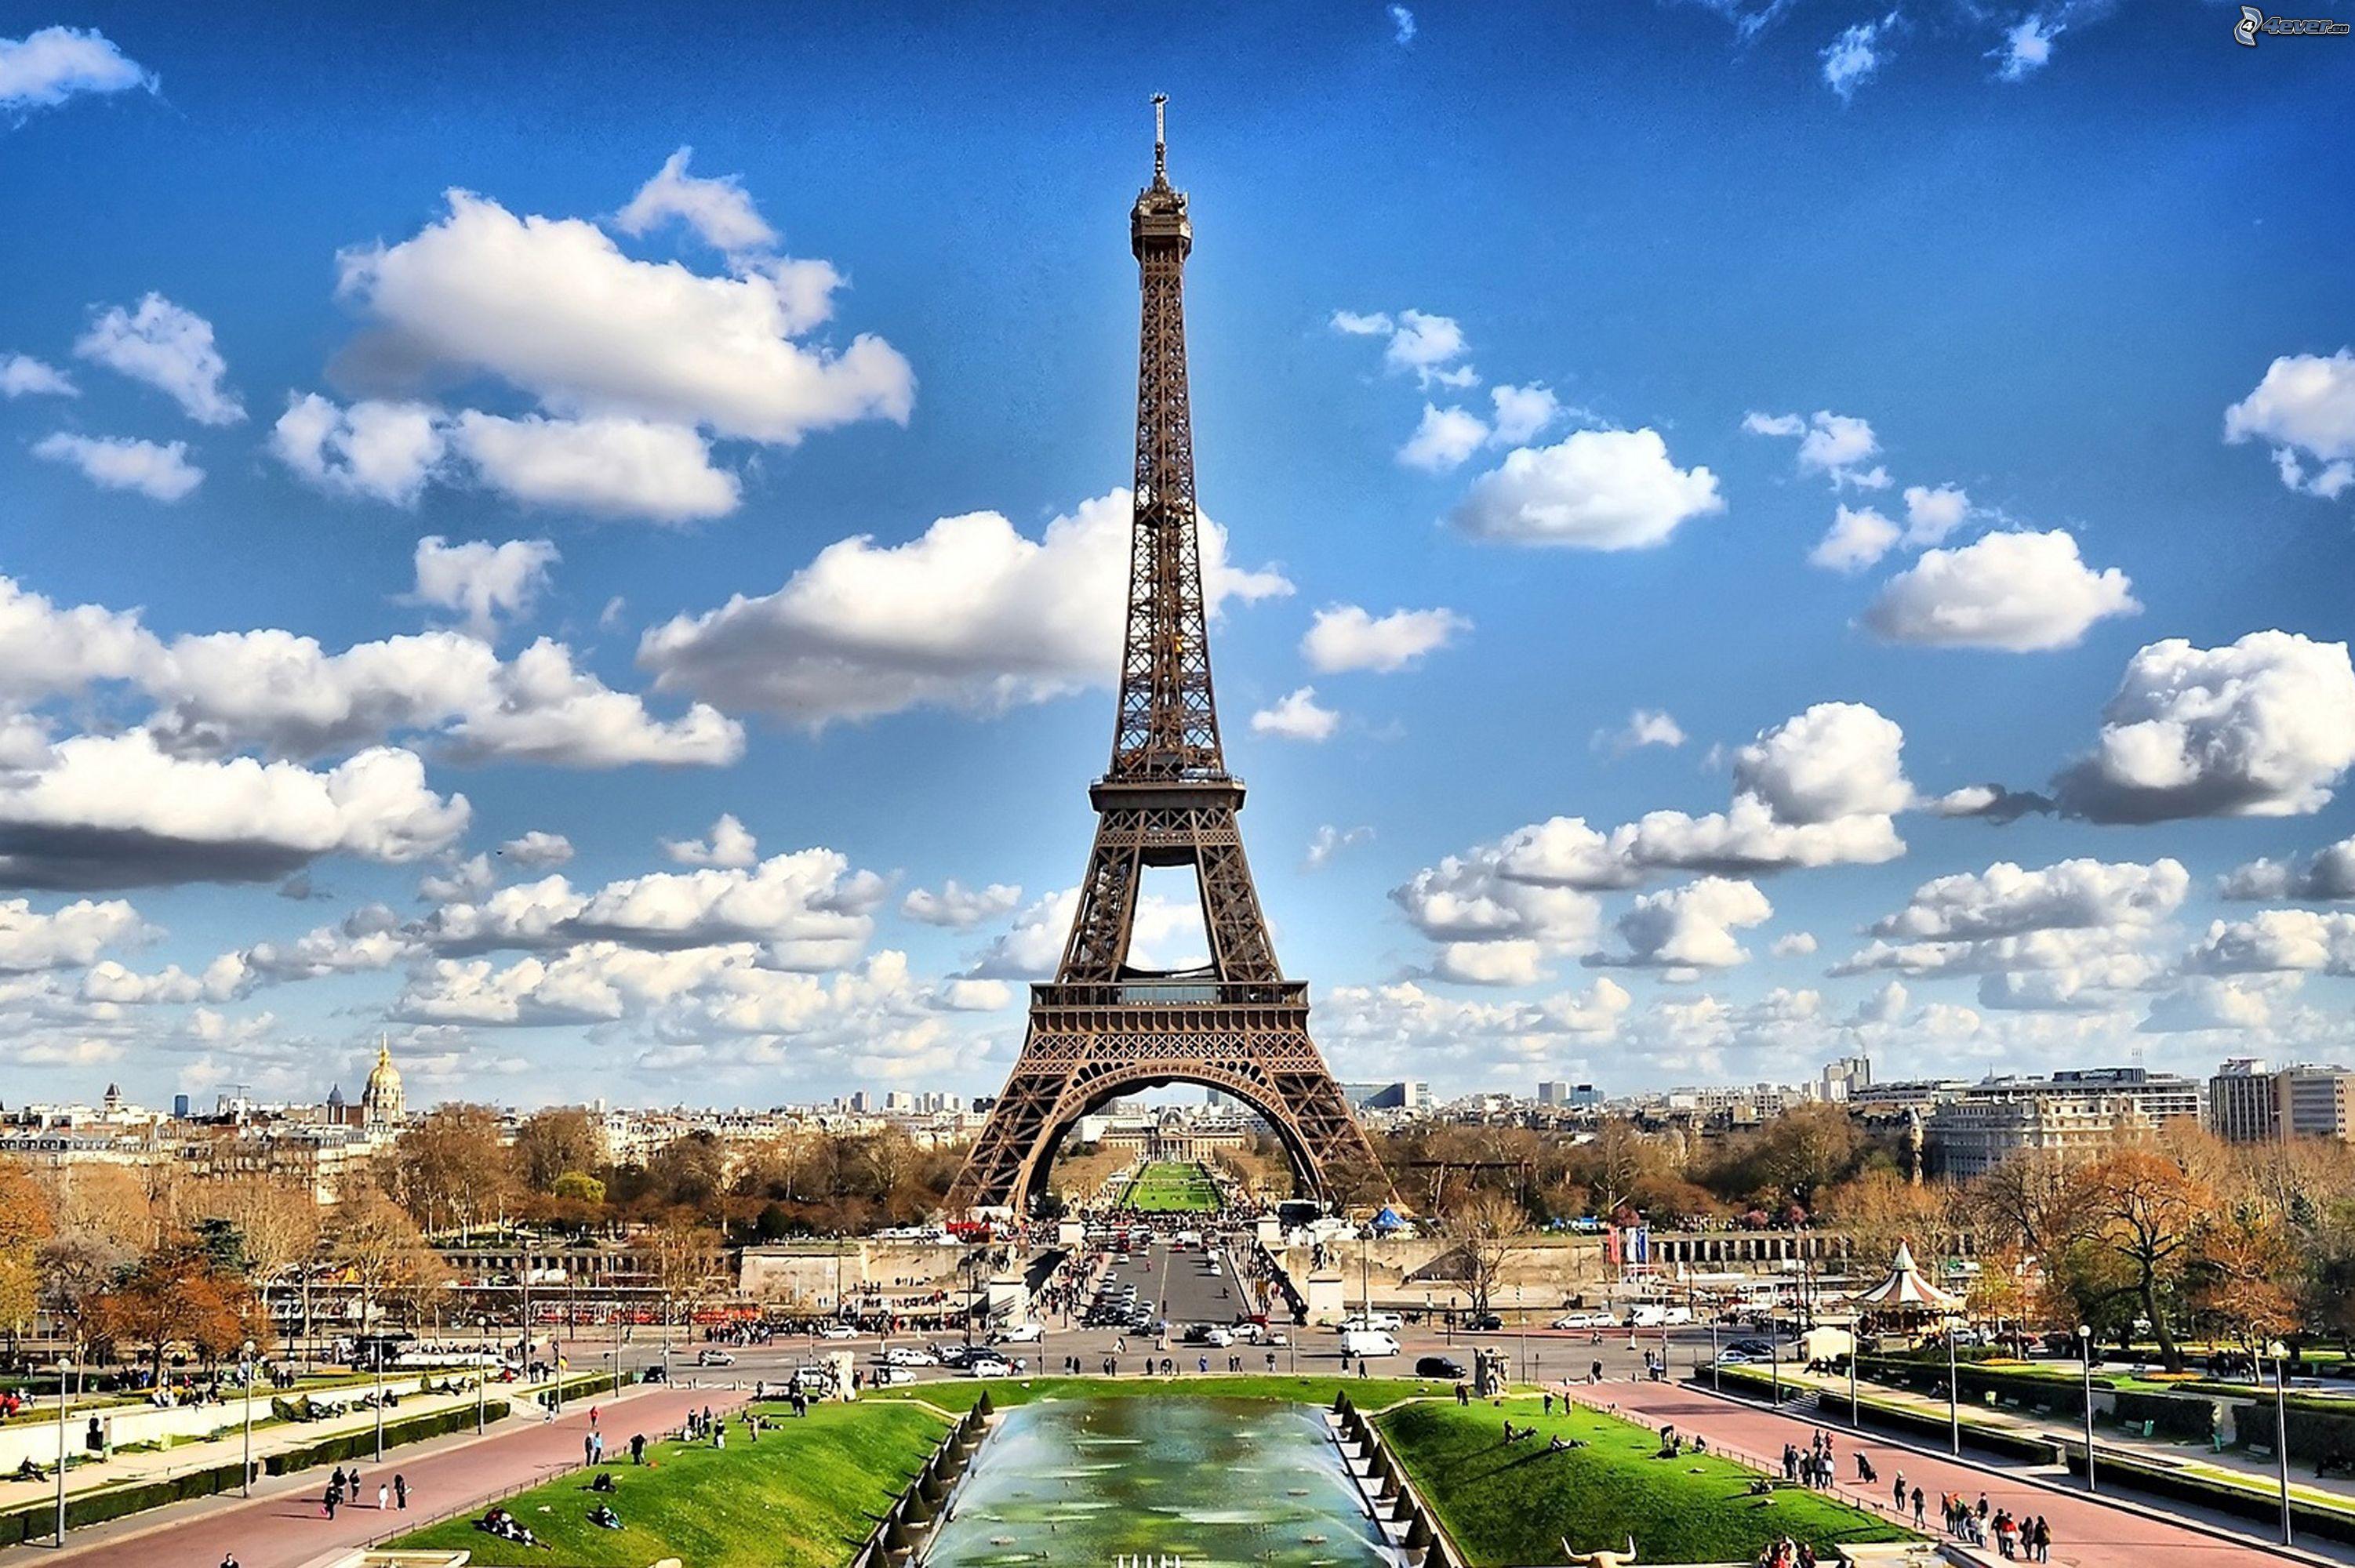 природа страны архитектура Марсово поле Париж Франция  № 824000 бесплатно